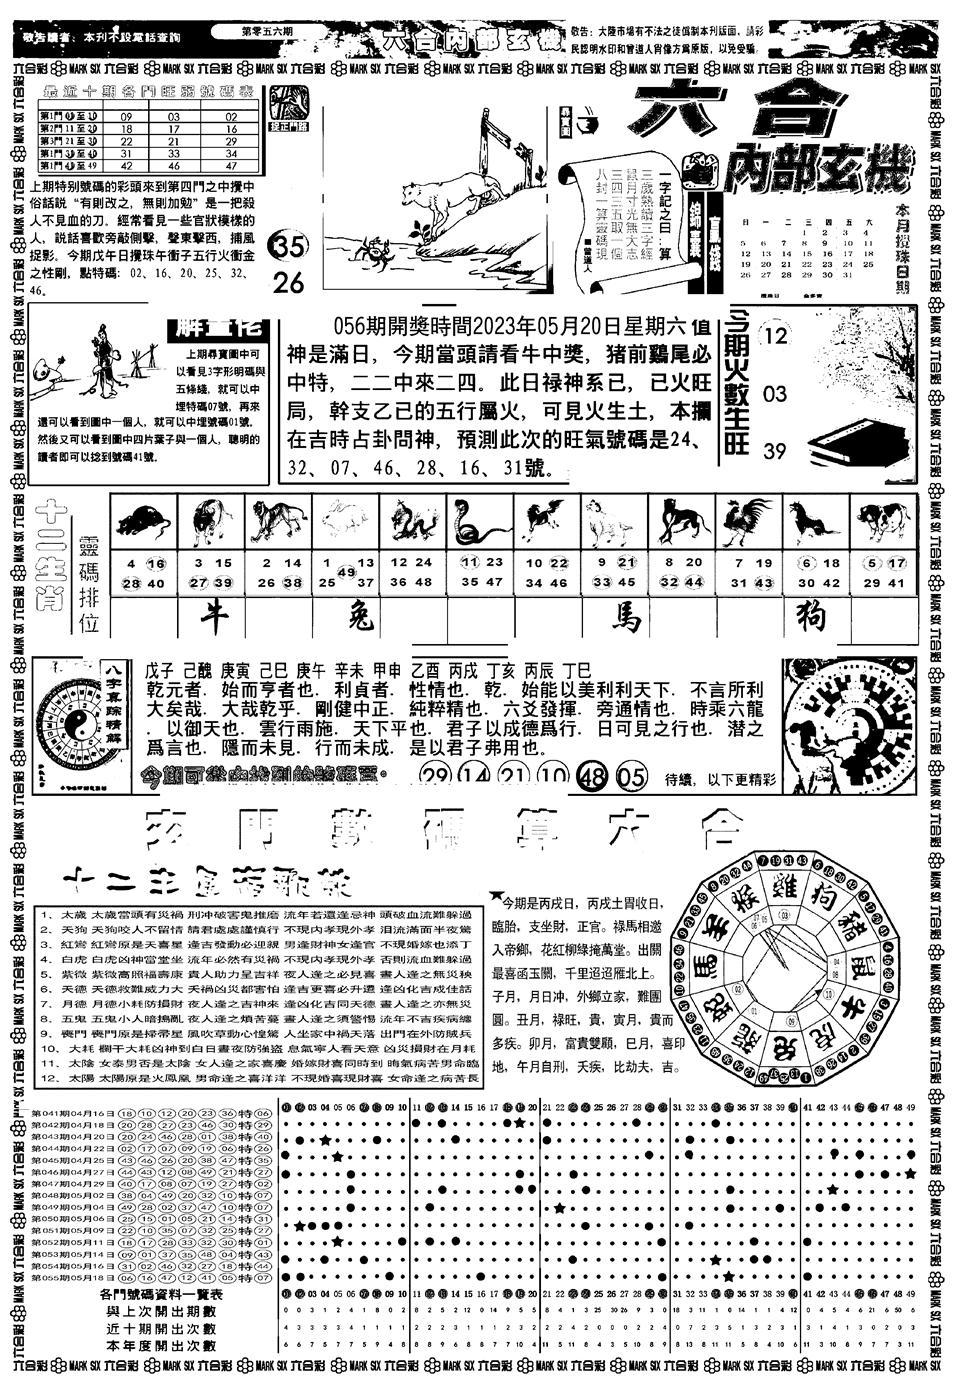 056期新版内部玄机A(黑白)